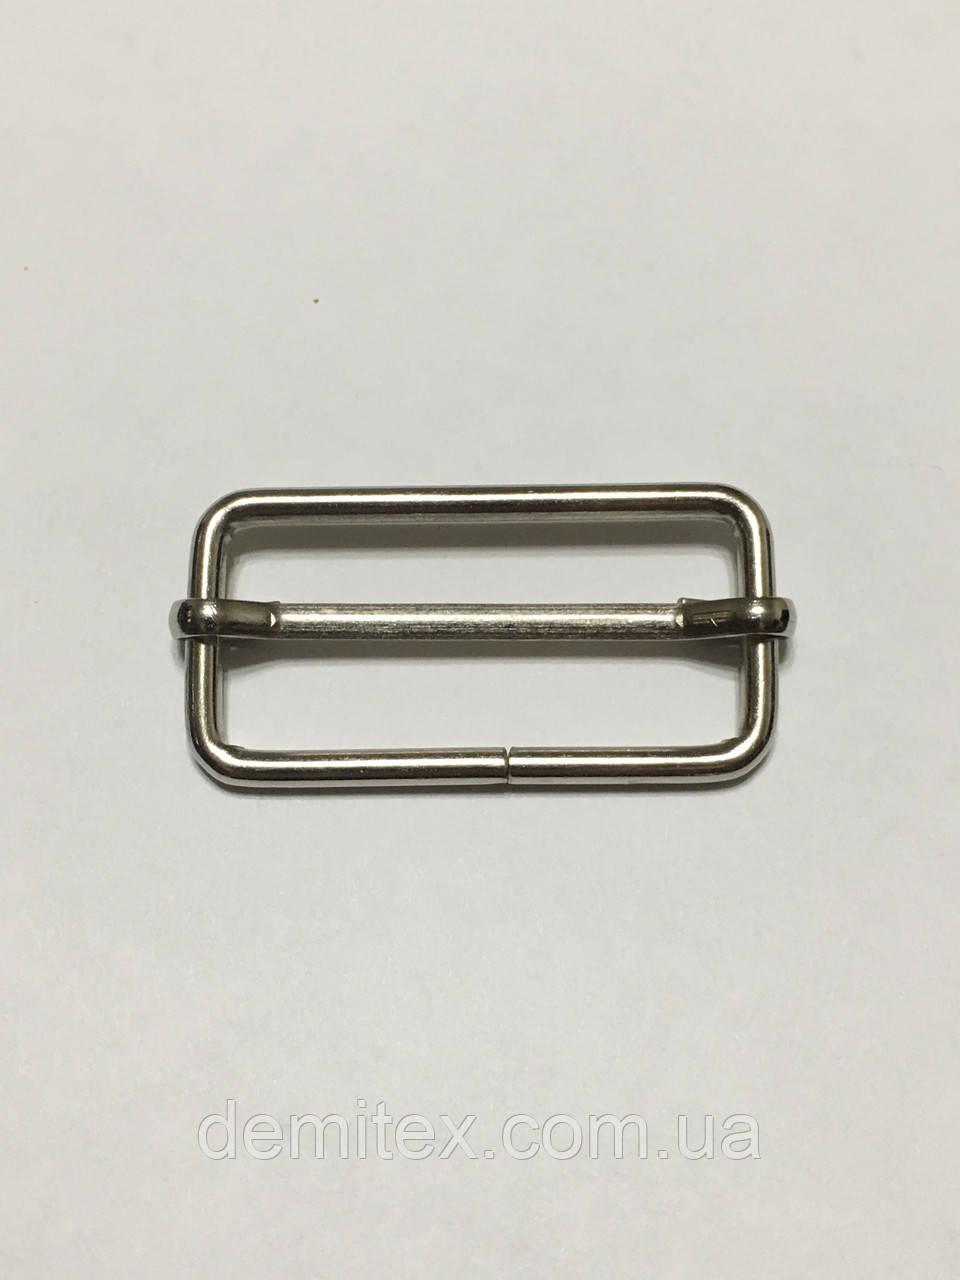 Рамка регулятор Перетяжка 38х17х3мм никель